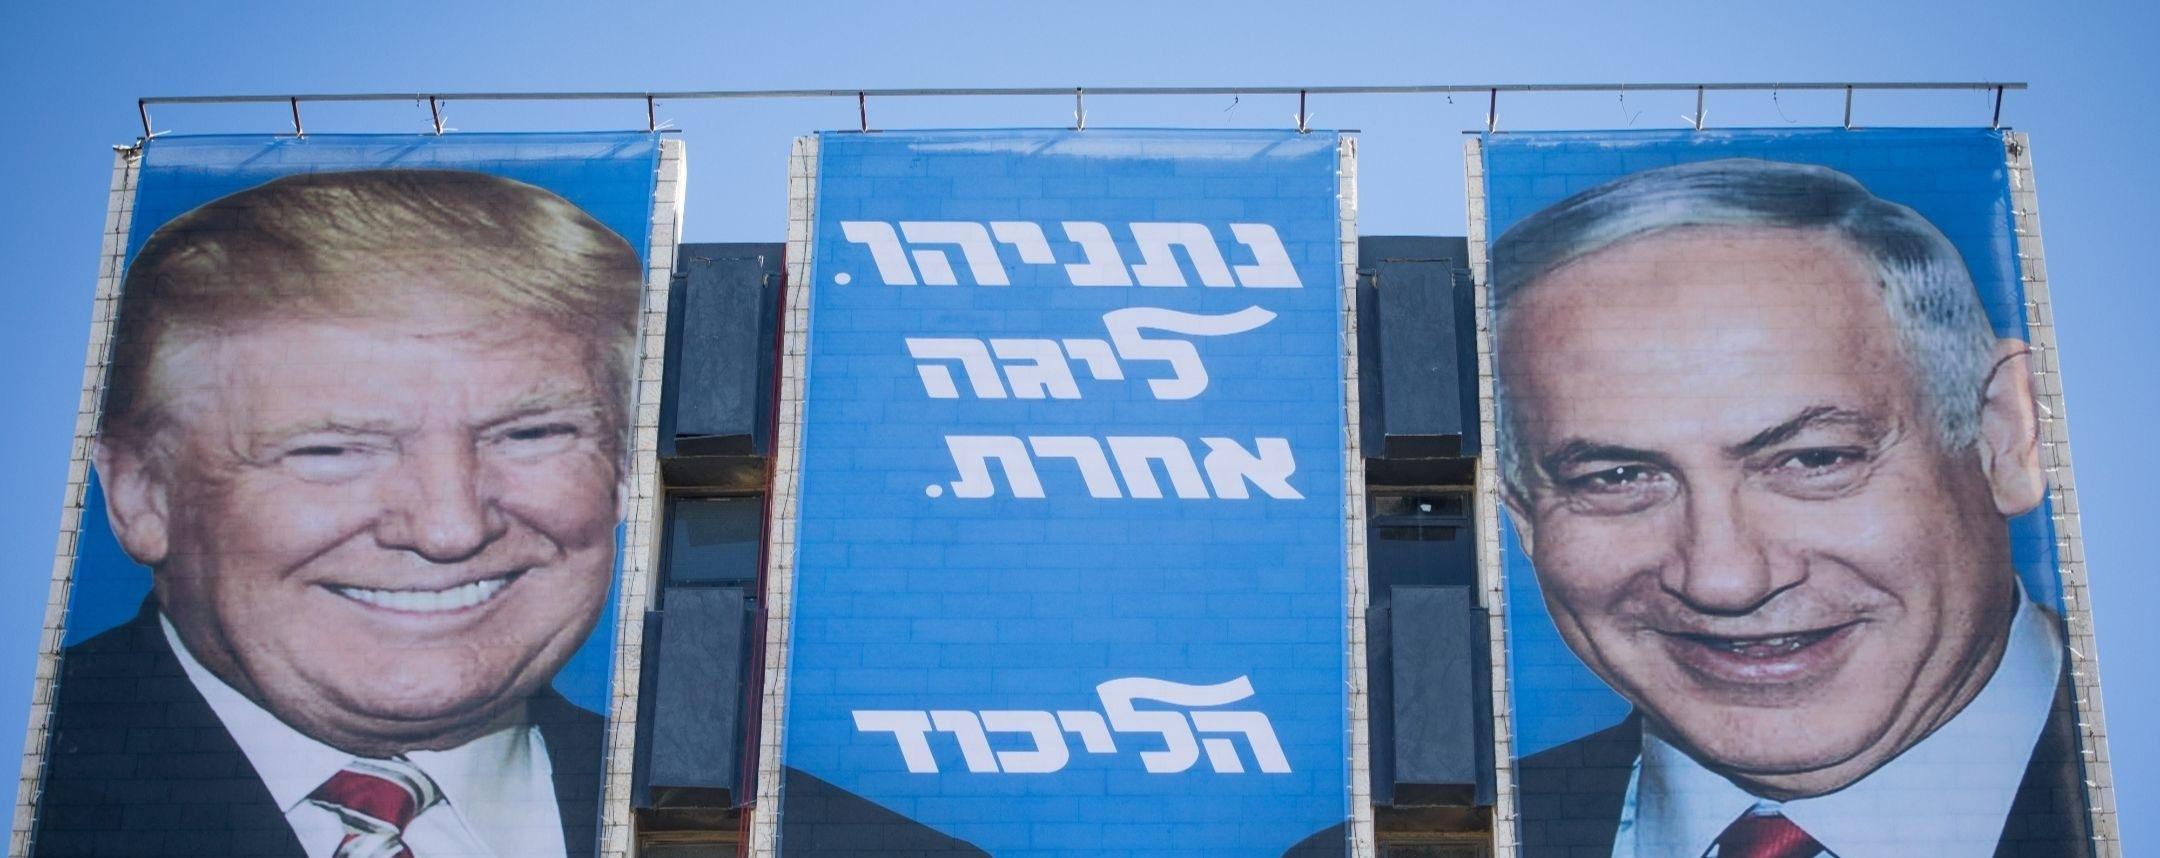 A Netanyahu campaign billboard in Jerusalem